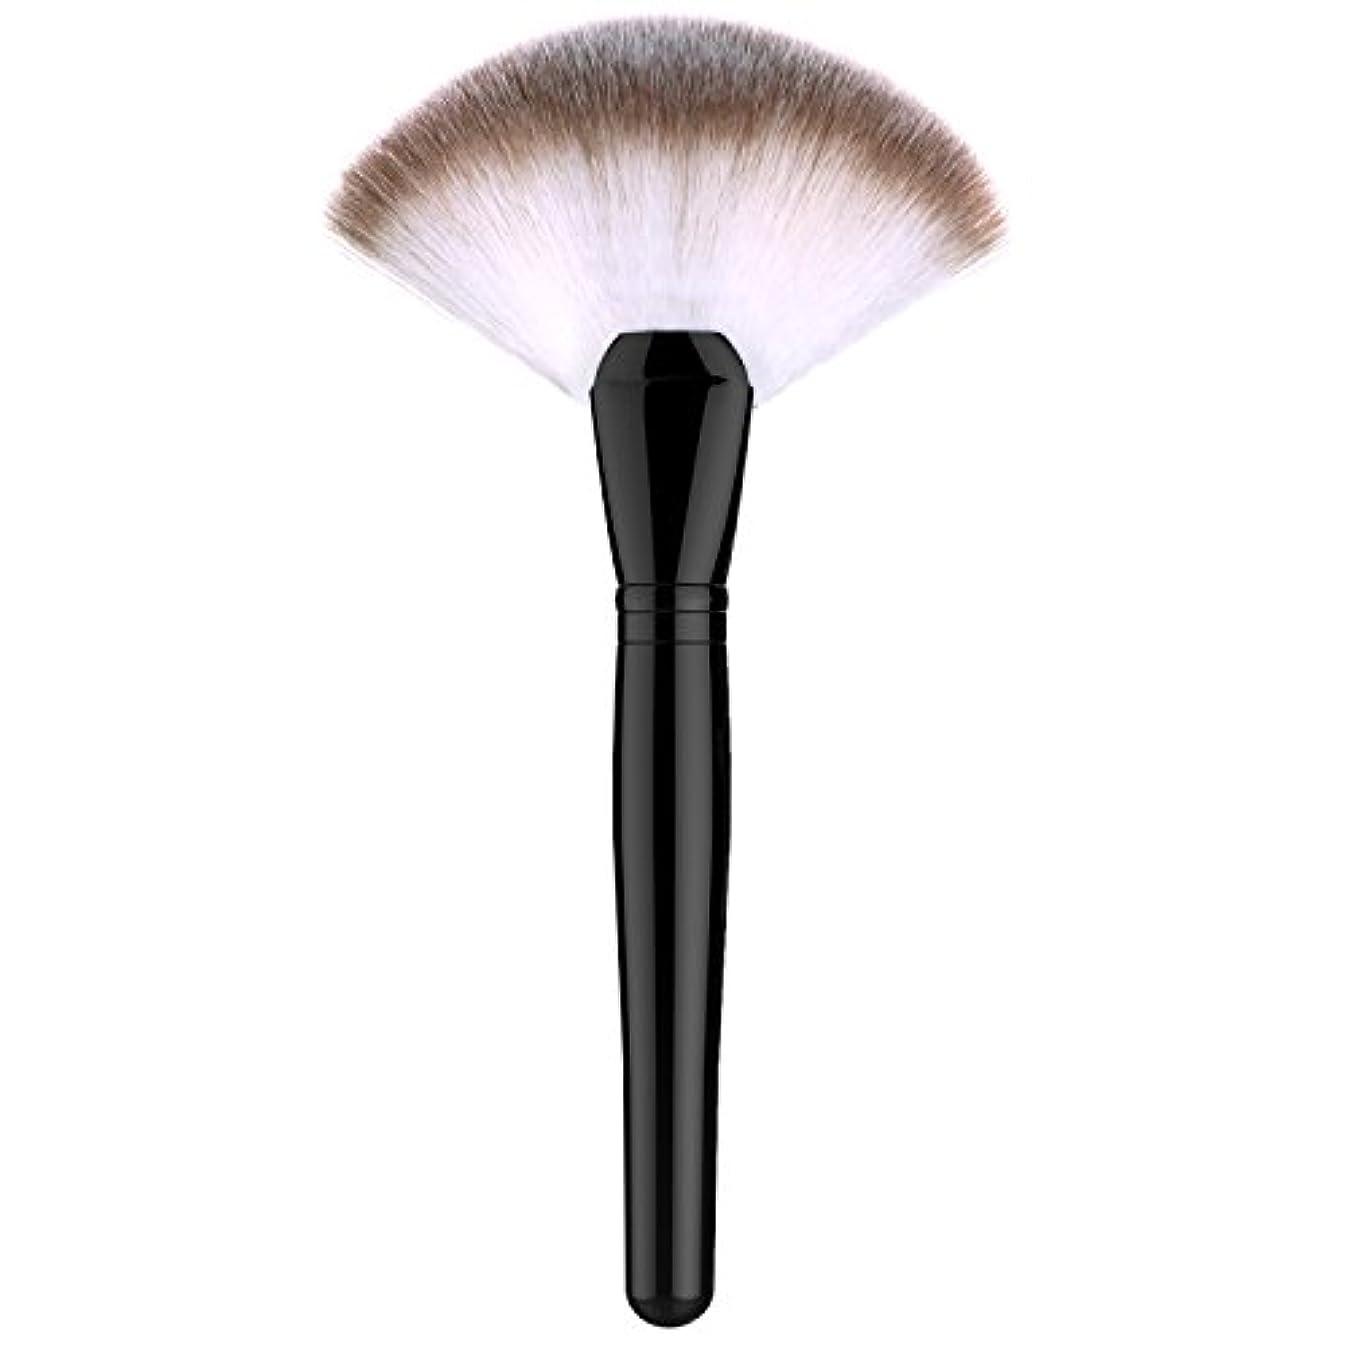 傷つけるランプ海嶺ファンデーションブラシ - Luxspire 扇形 メイクブラシセット 化粧筆 コスメブラシ 繊細な人工毛 毛質やわらかい 肌に優しい